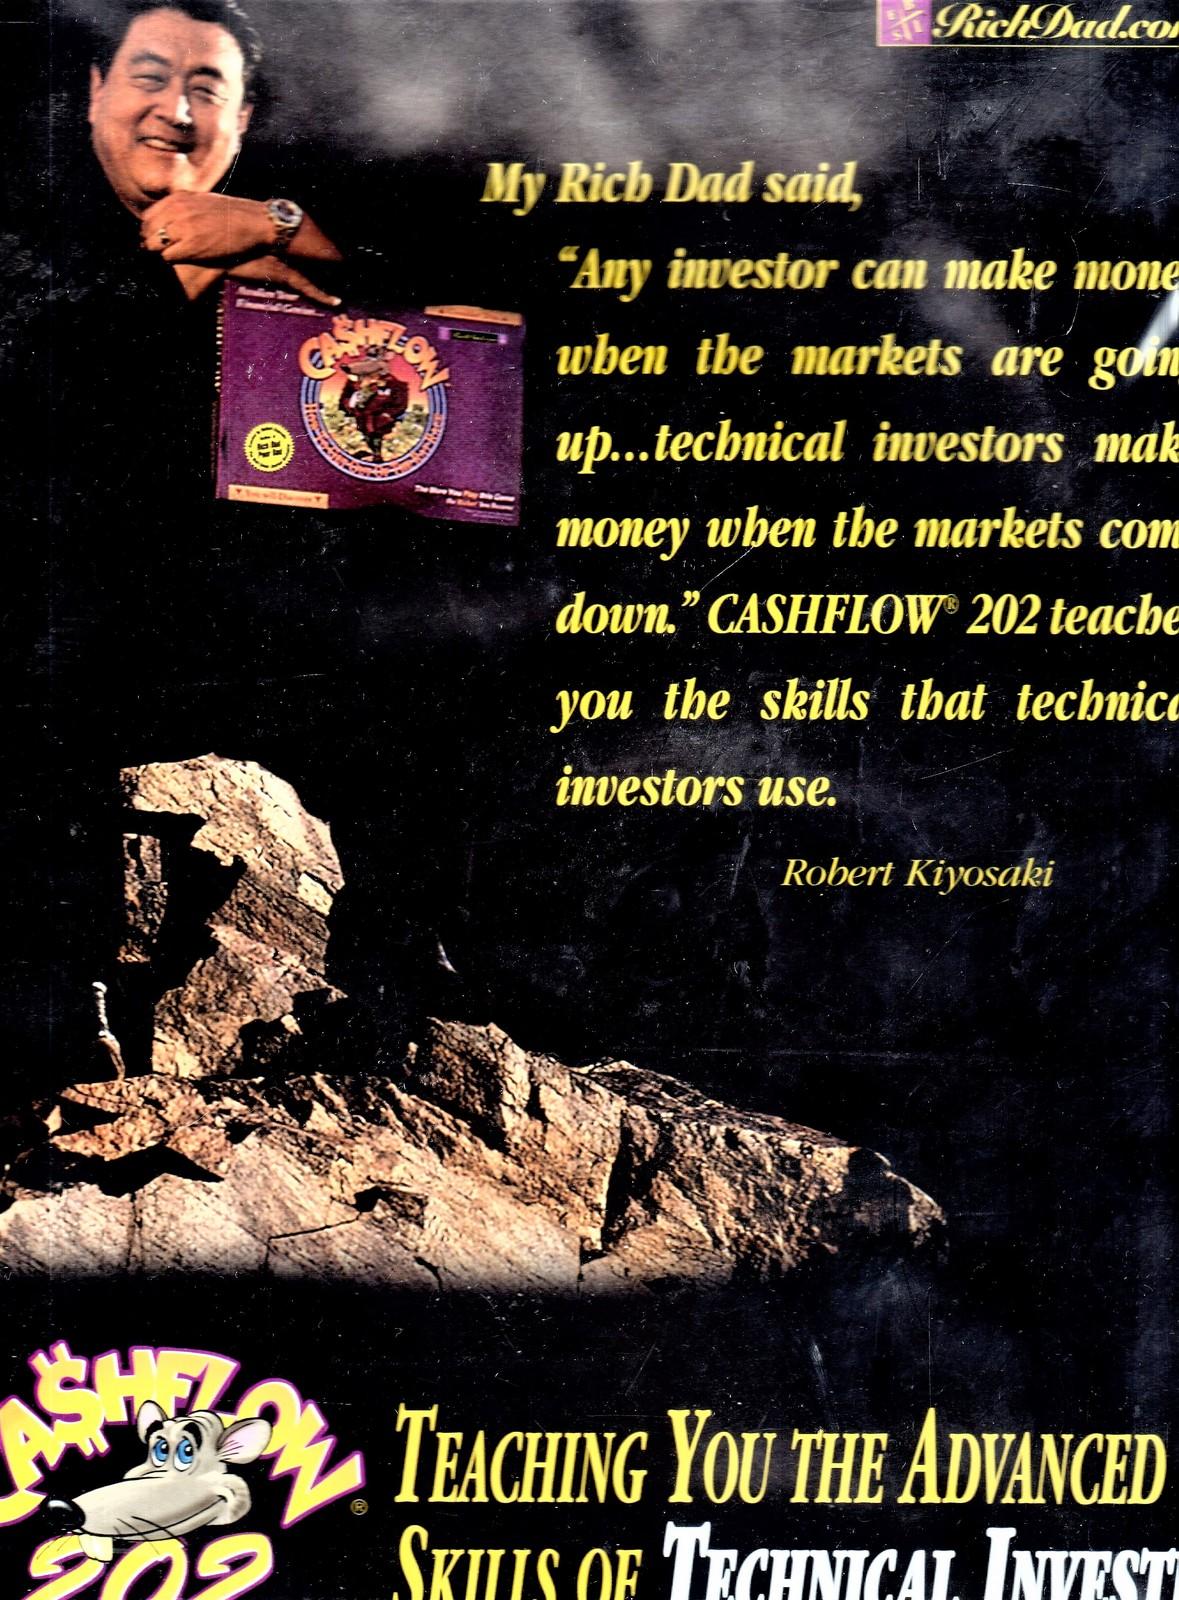 Cashflow 202 -  The Rich Dad Company Rich Dad Cashflow 202